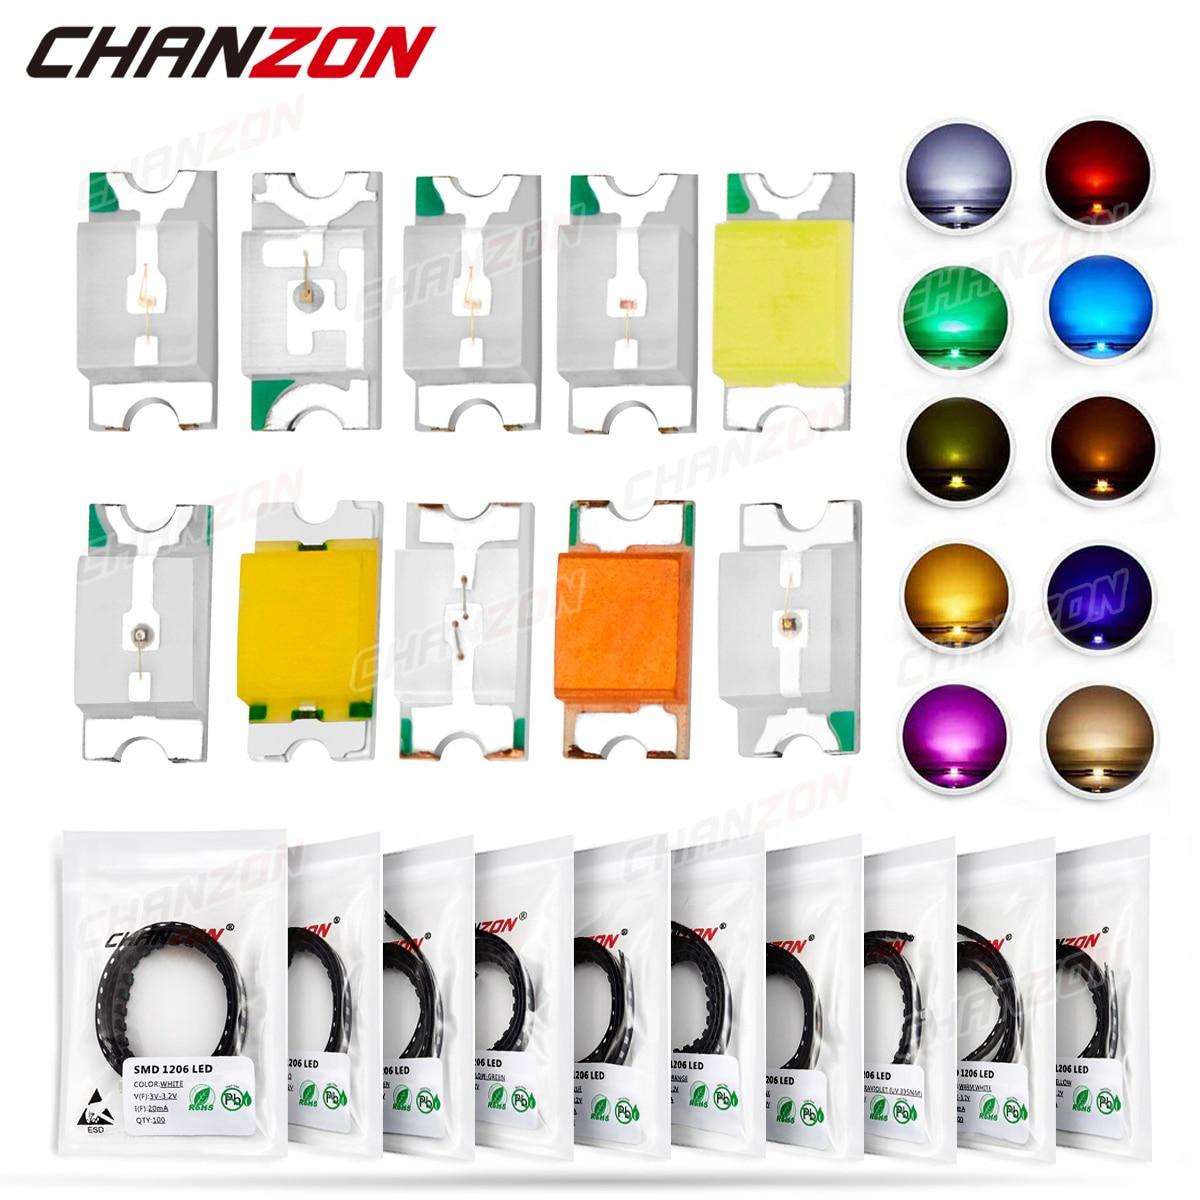 100 шт. 1206 SMD LED светодиод набор лампа чип светильник бусины теплый белый красный зеленый синий желтый оранжевый УФ розовый микро 3V SMT DIY